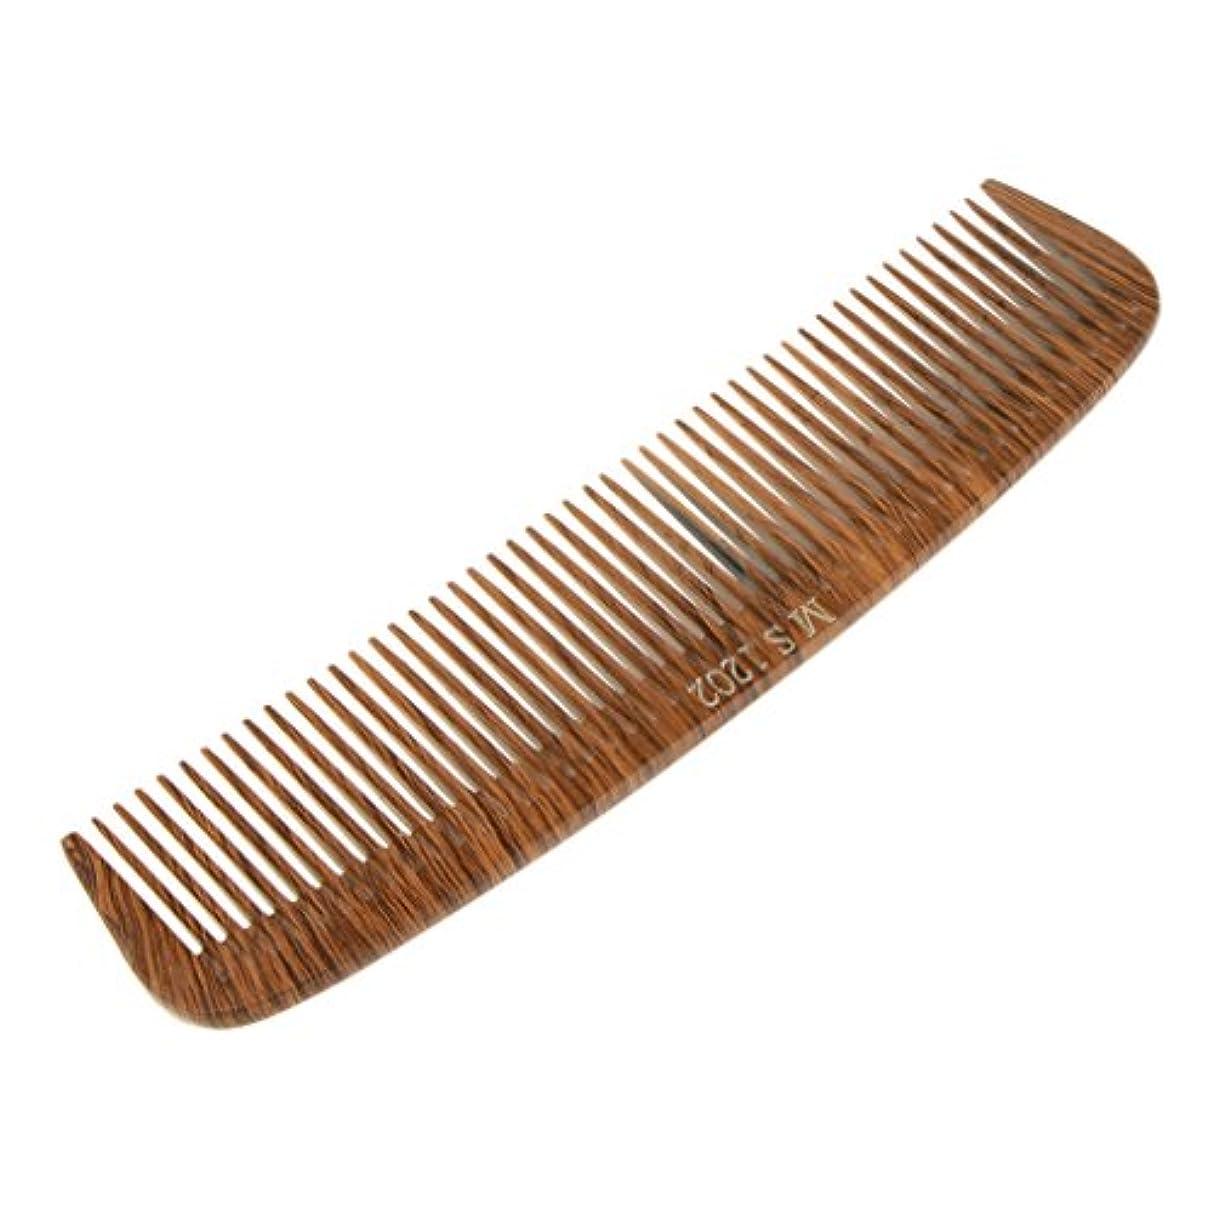 ホームレス傾いた嫌がらせヘアコーム ヘアブラシ 帯電防止 ウッド サロン 理髪師 ヘアカット ヘアスタイル ヘアケア 4タイプ選べる - 1202